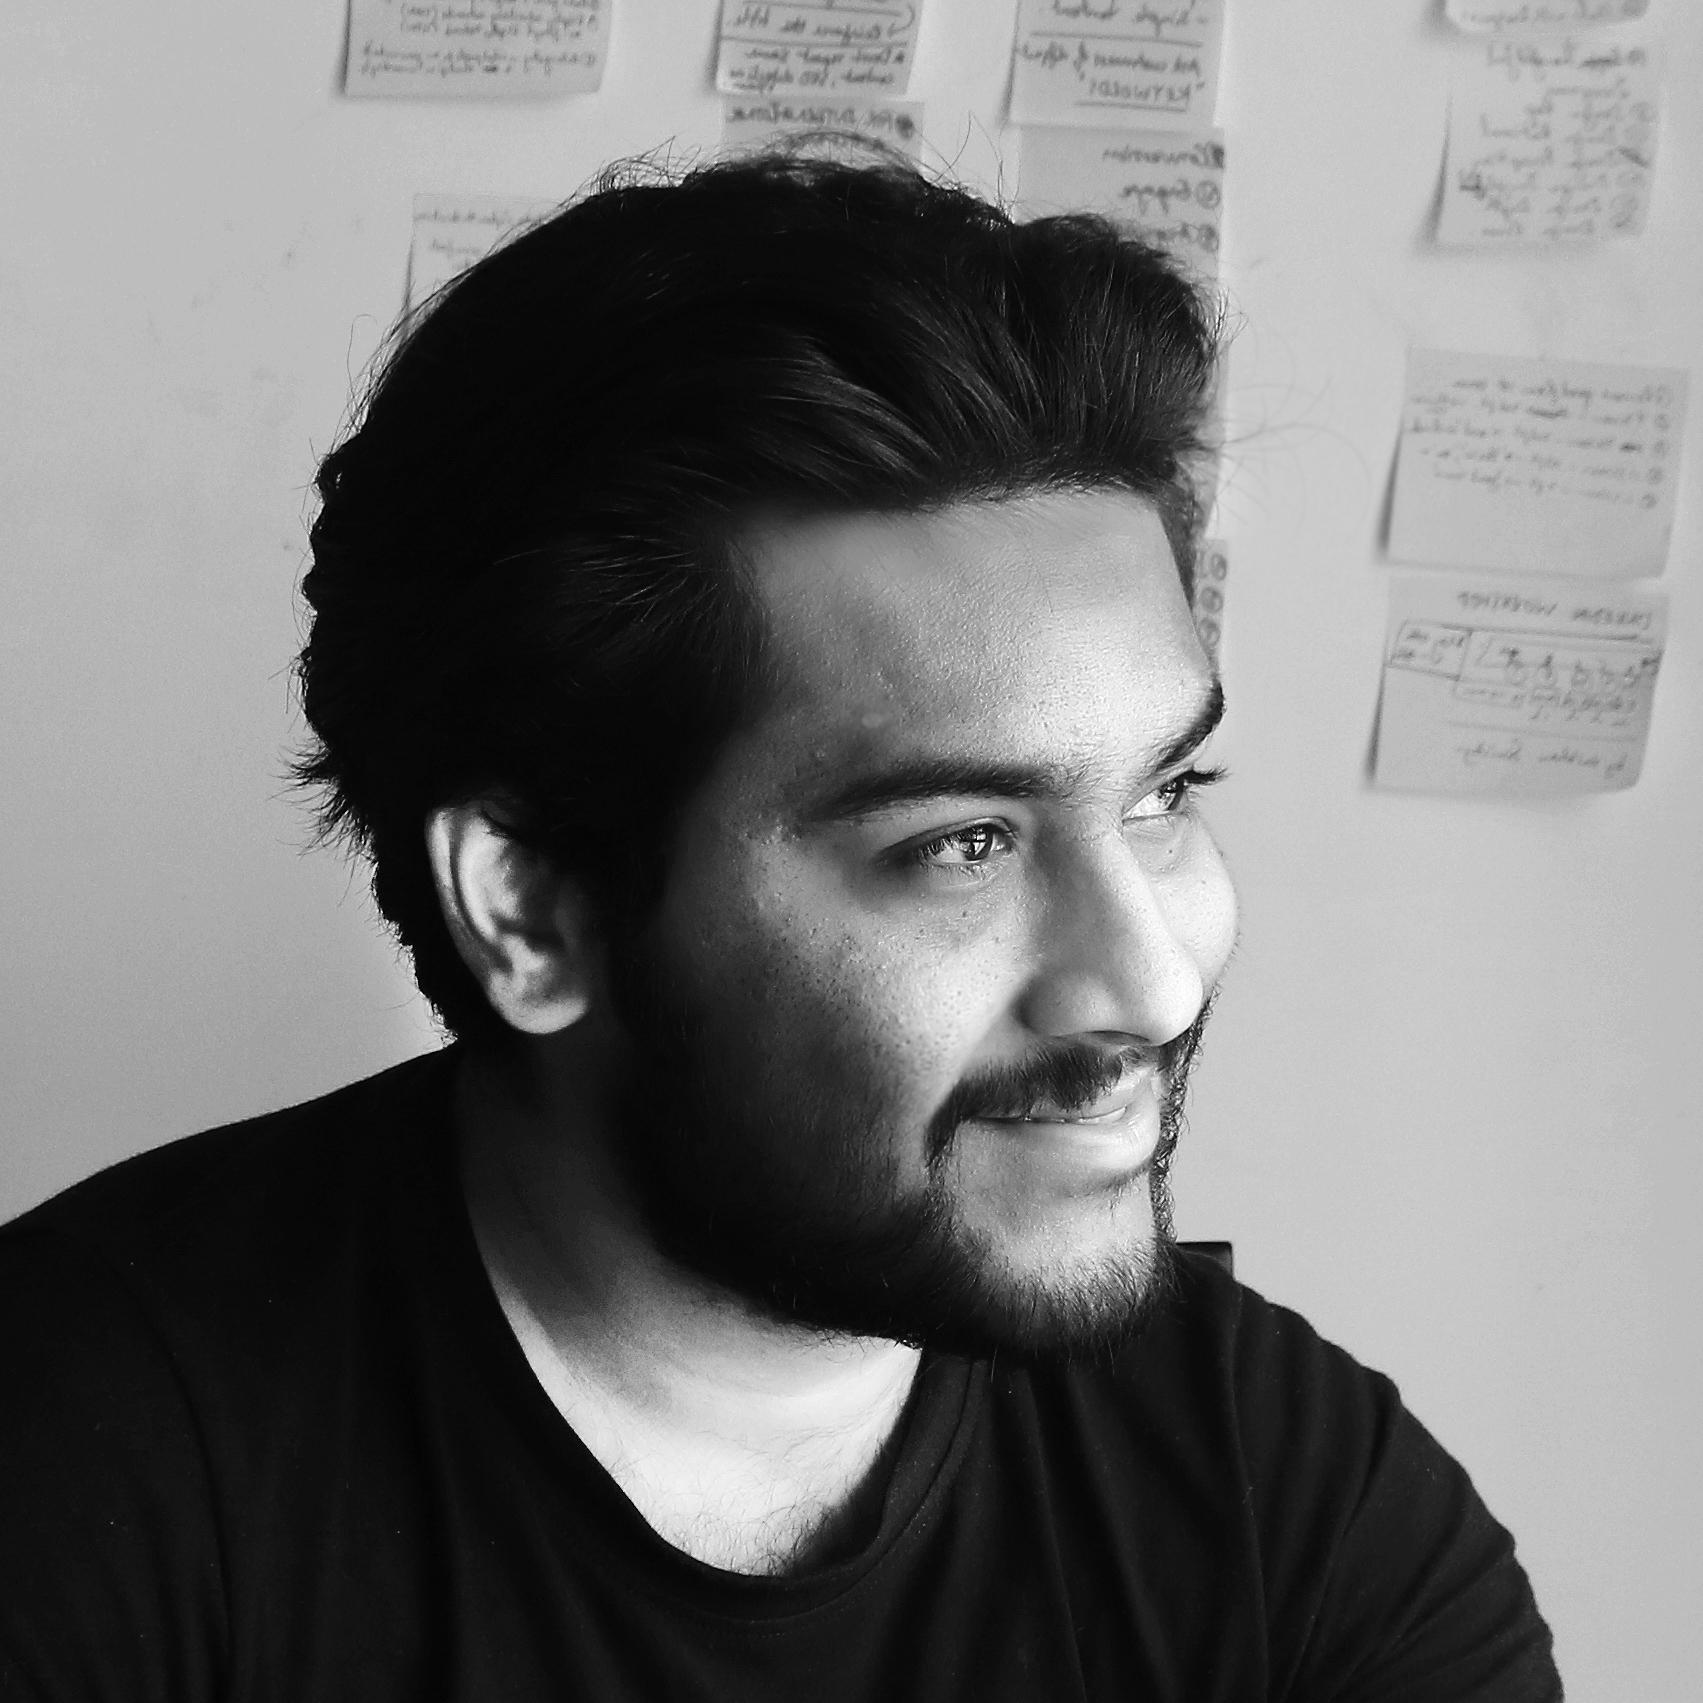 Rajiv Surya